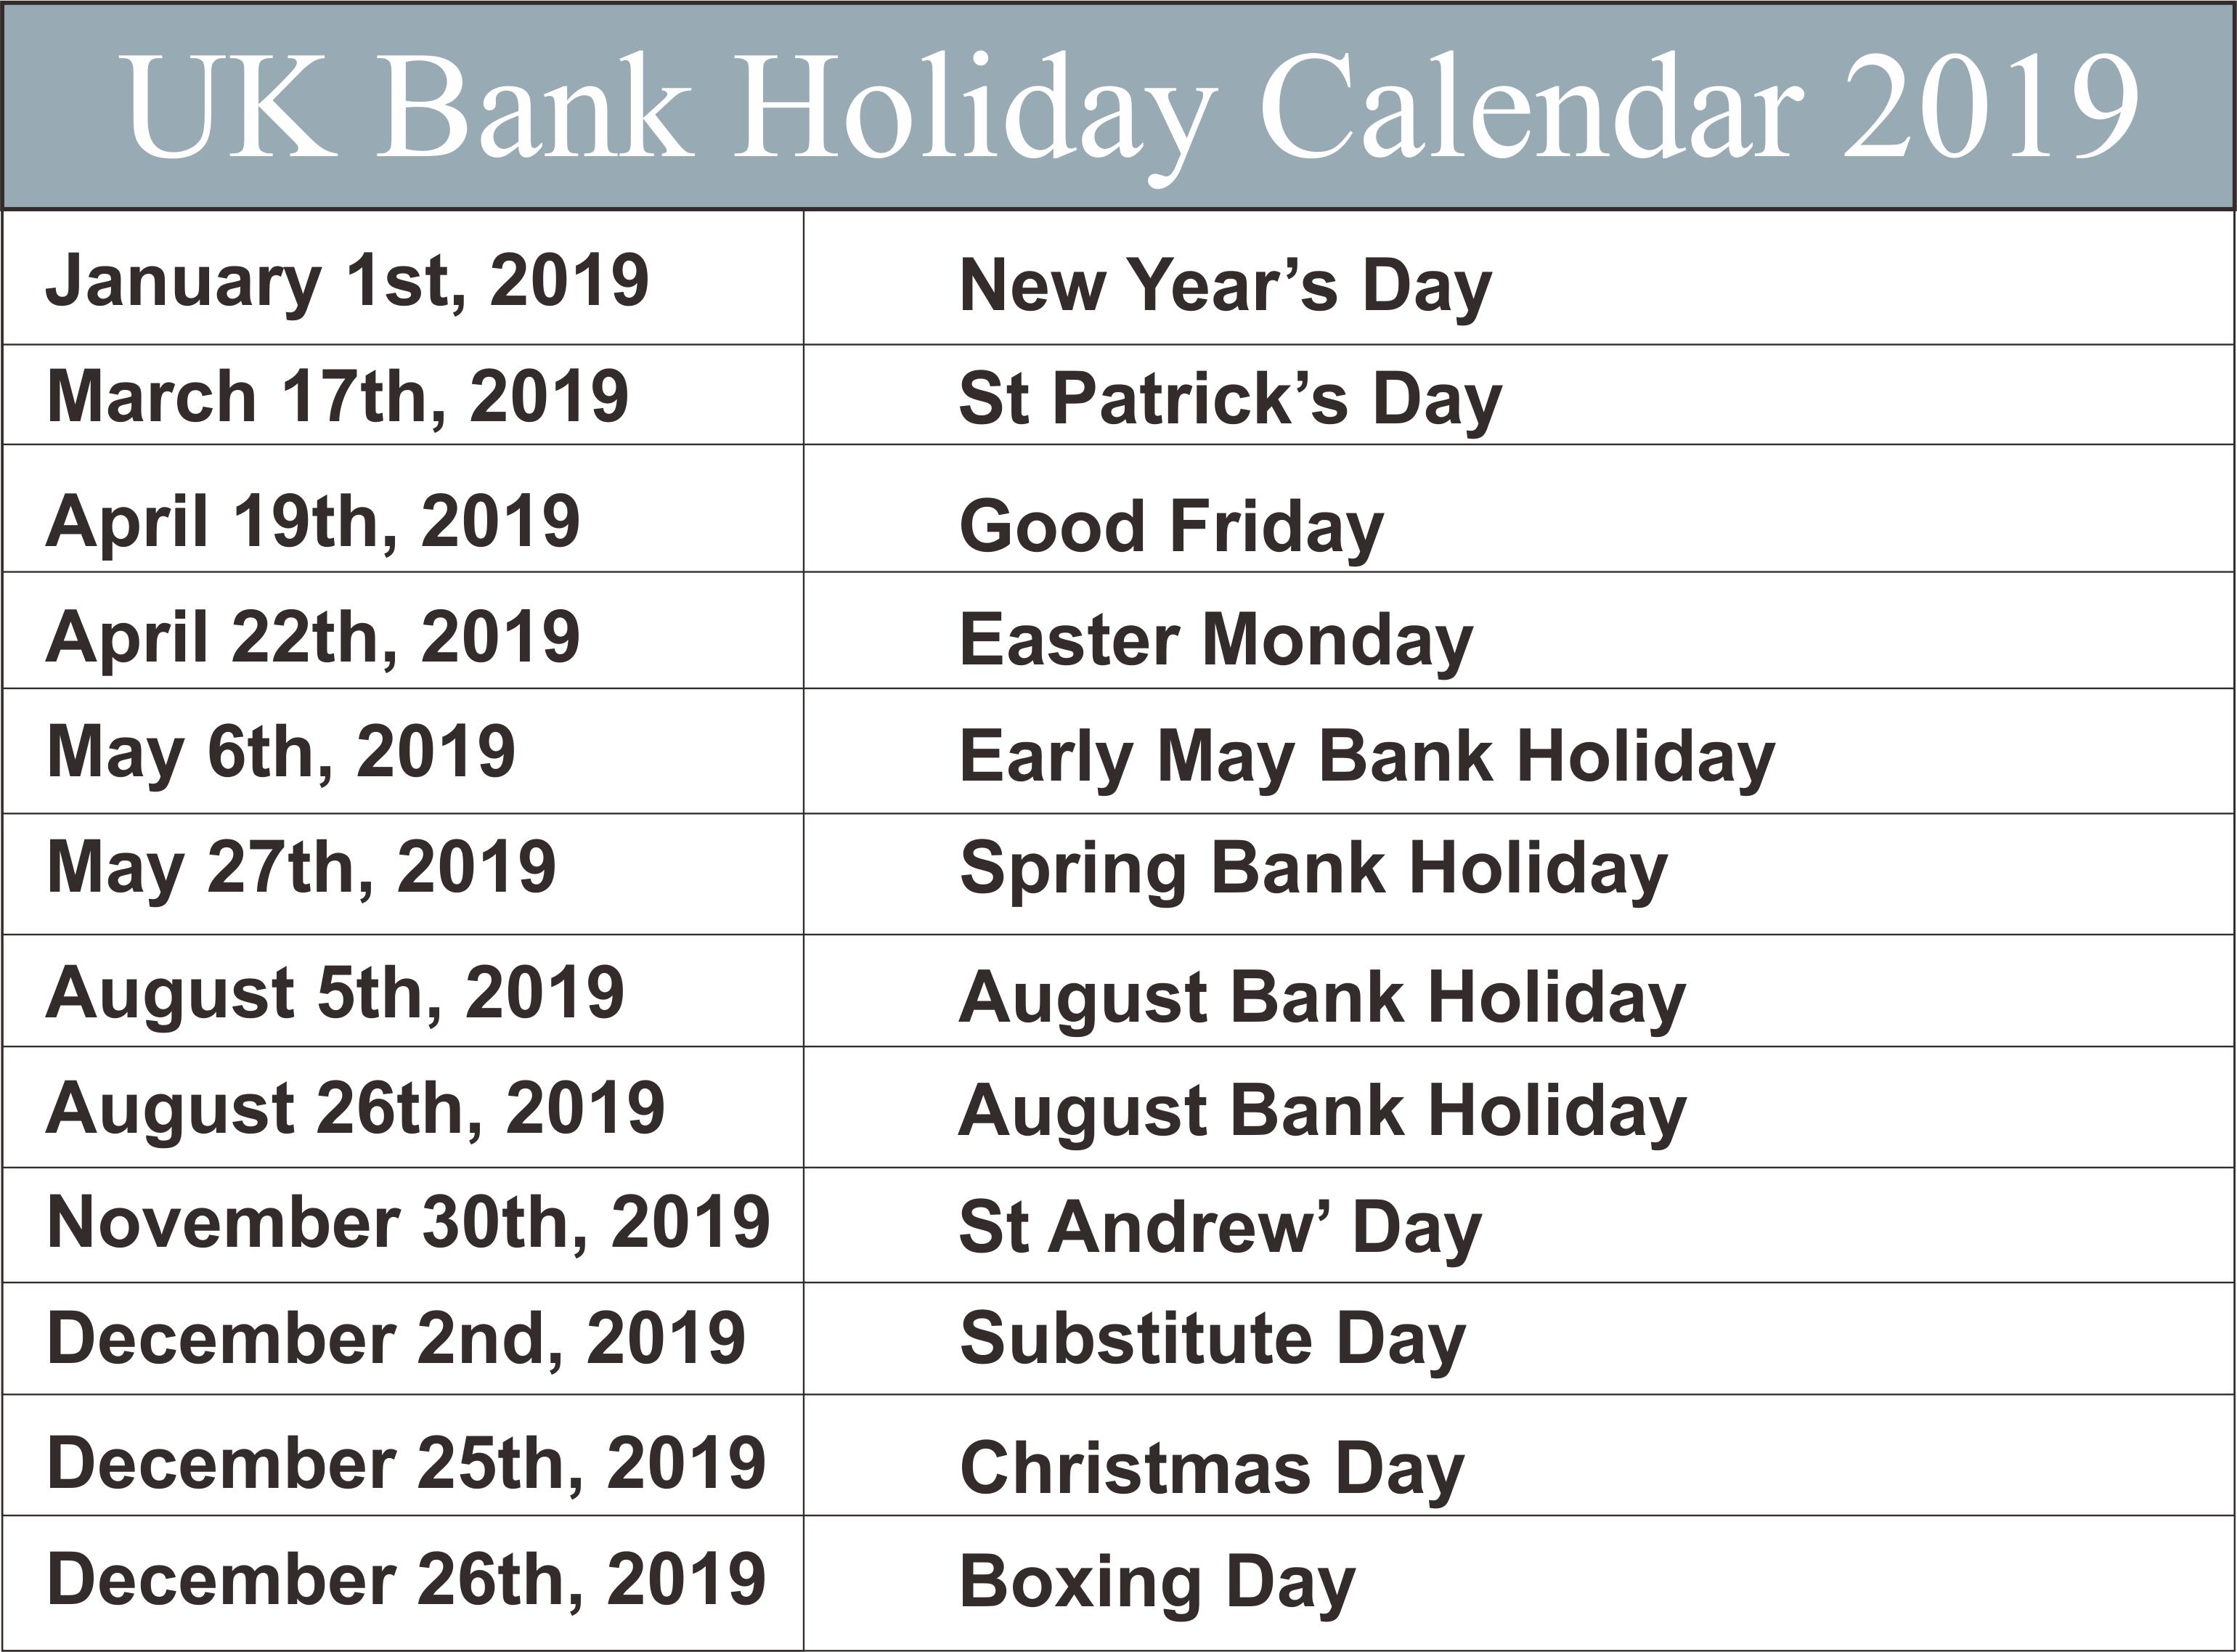 UK Bank Holidays 2019 Templates